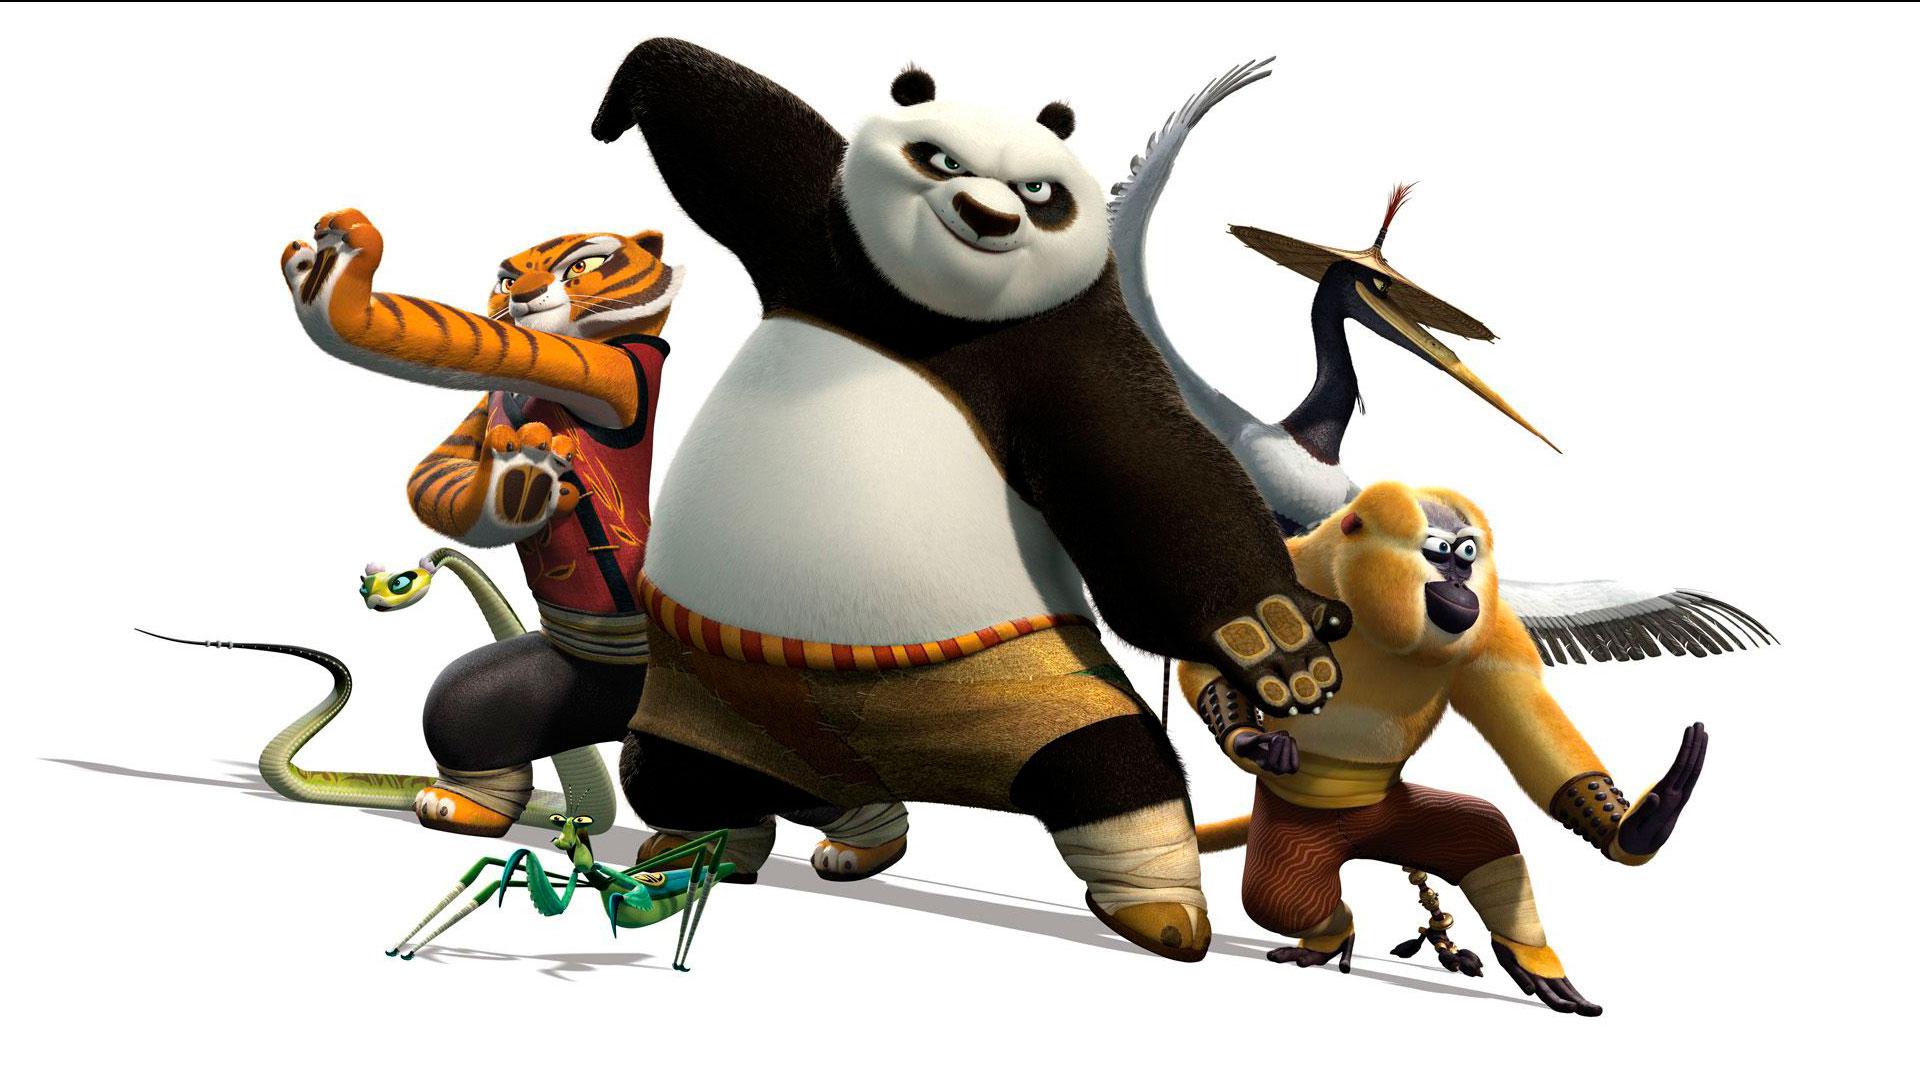 Панда картинки прикольные 2